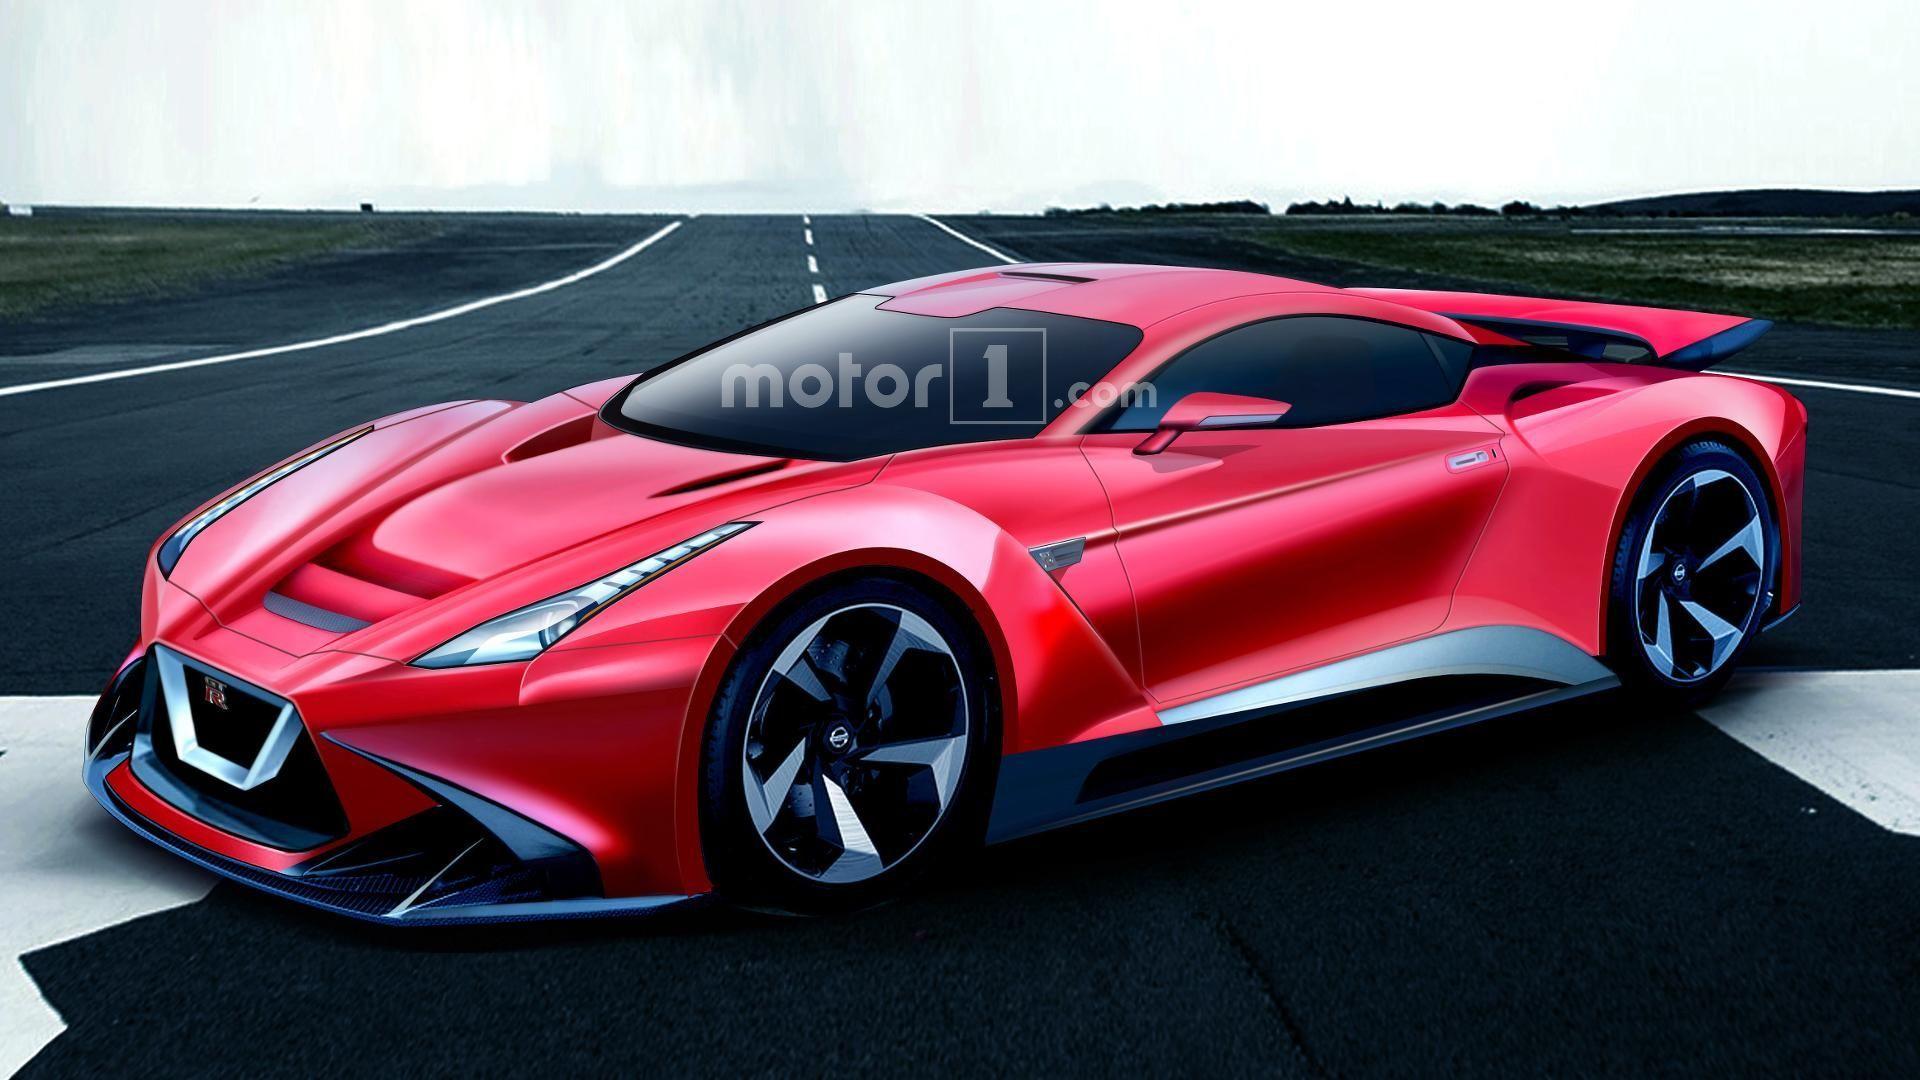 2020 Nissan Gtr Horsepower First Drive Nissan gtr